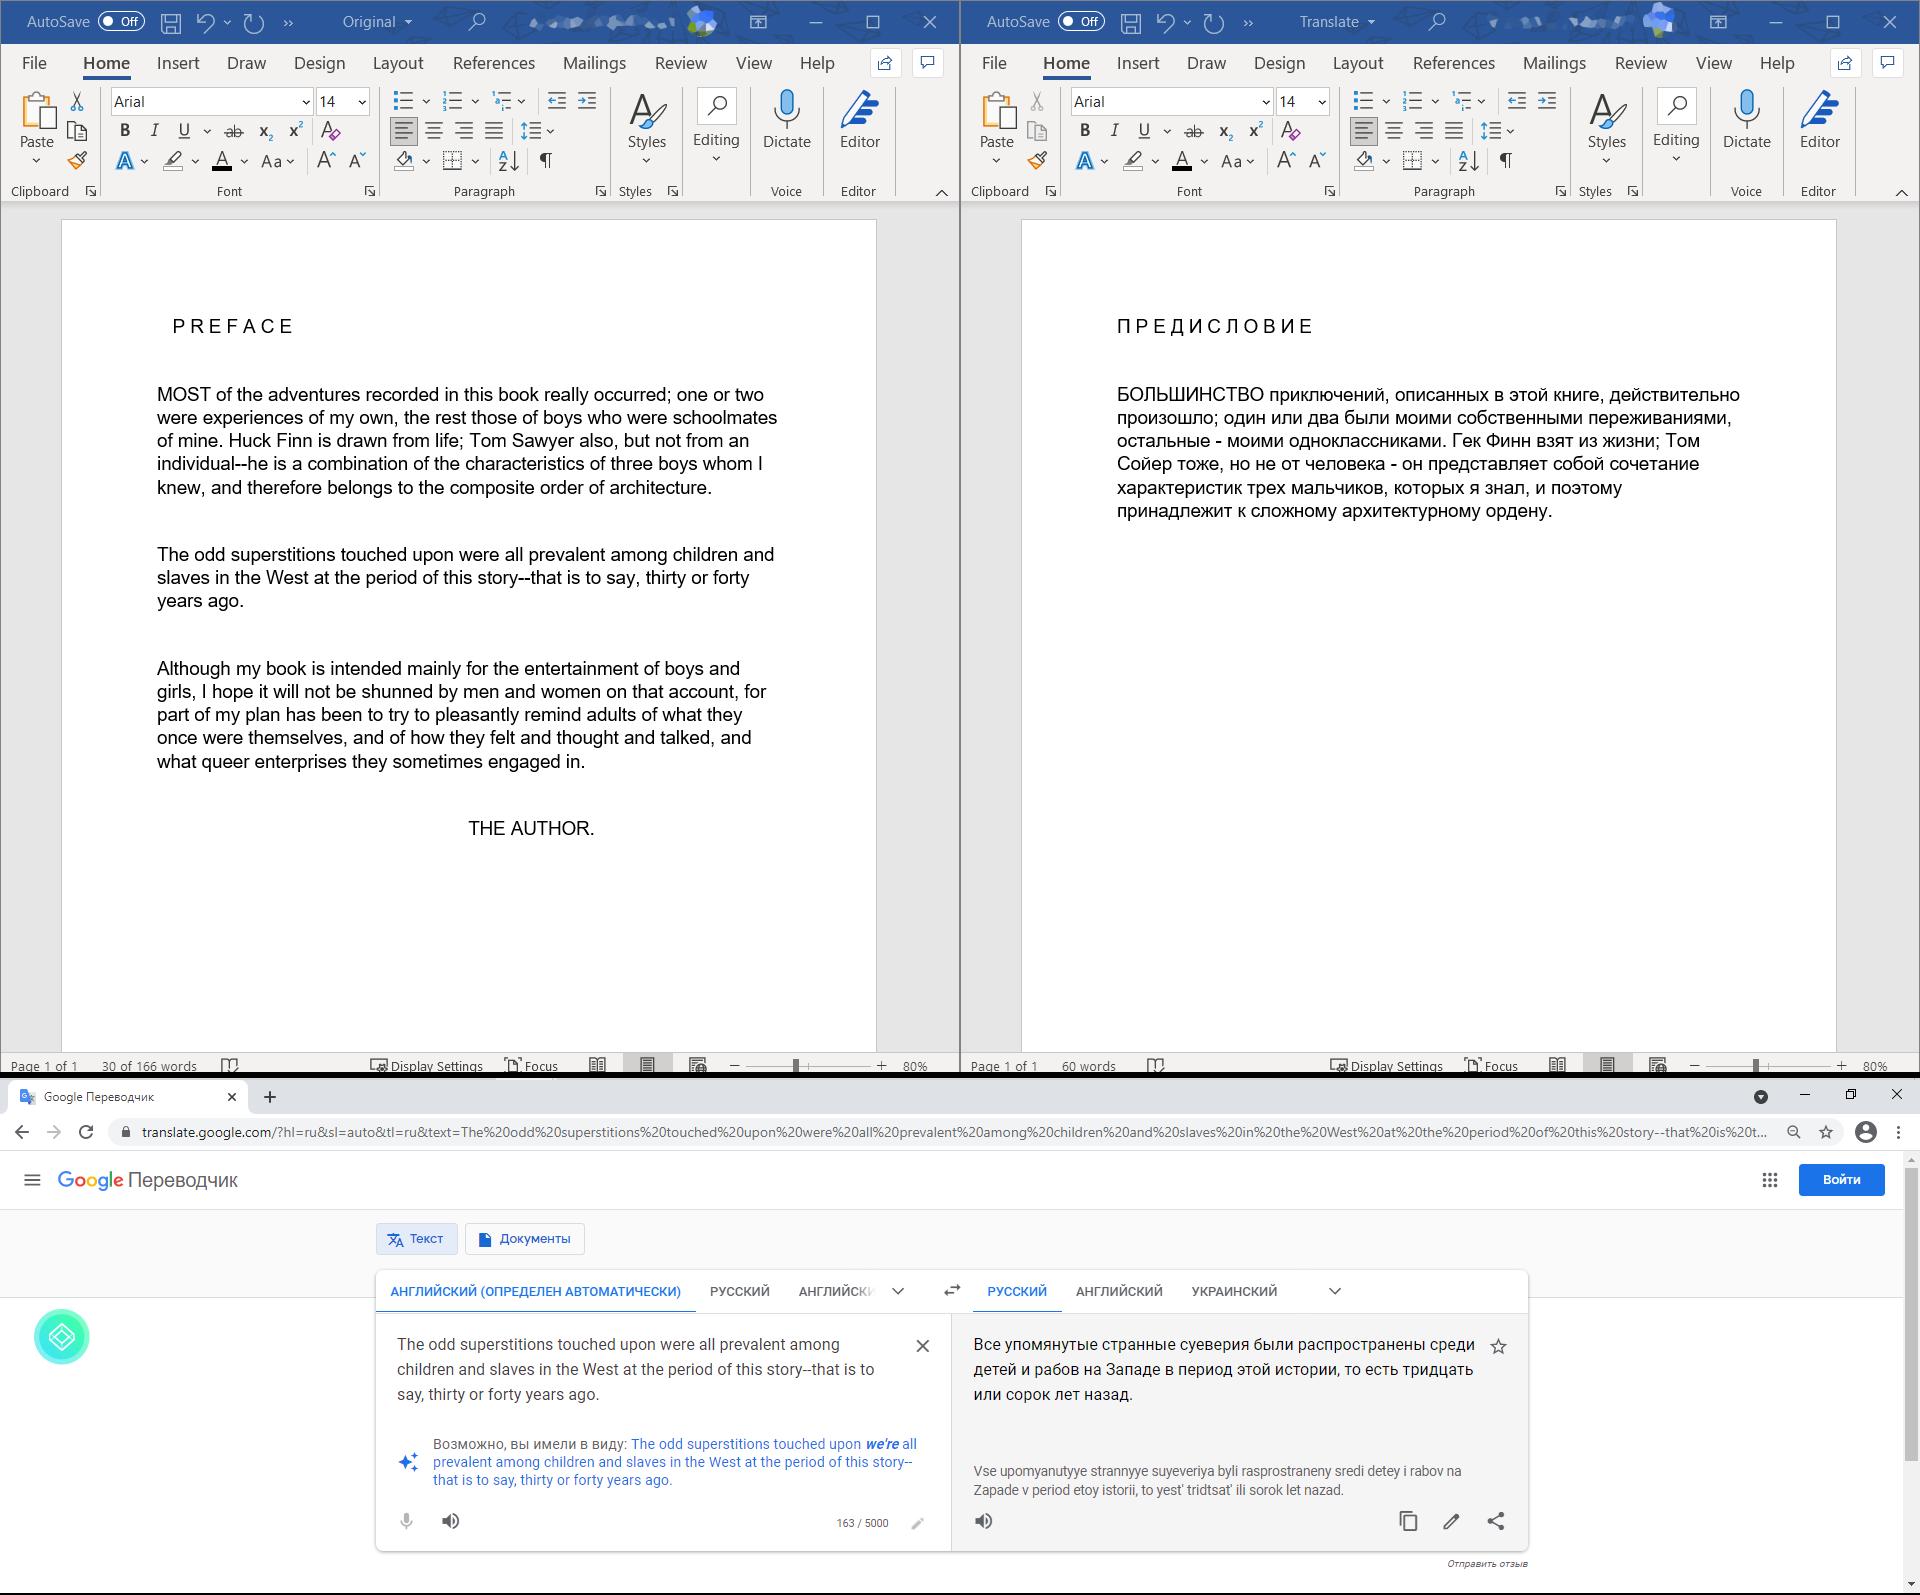 Пример использования ScreenPad Plus